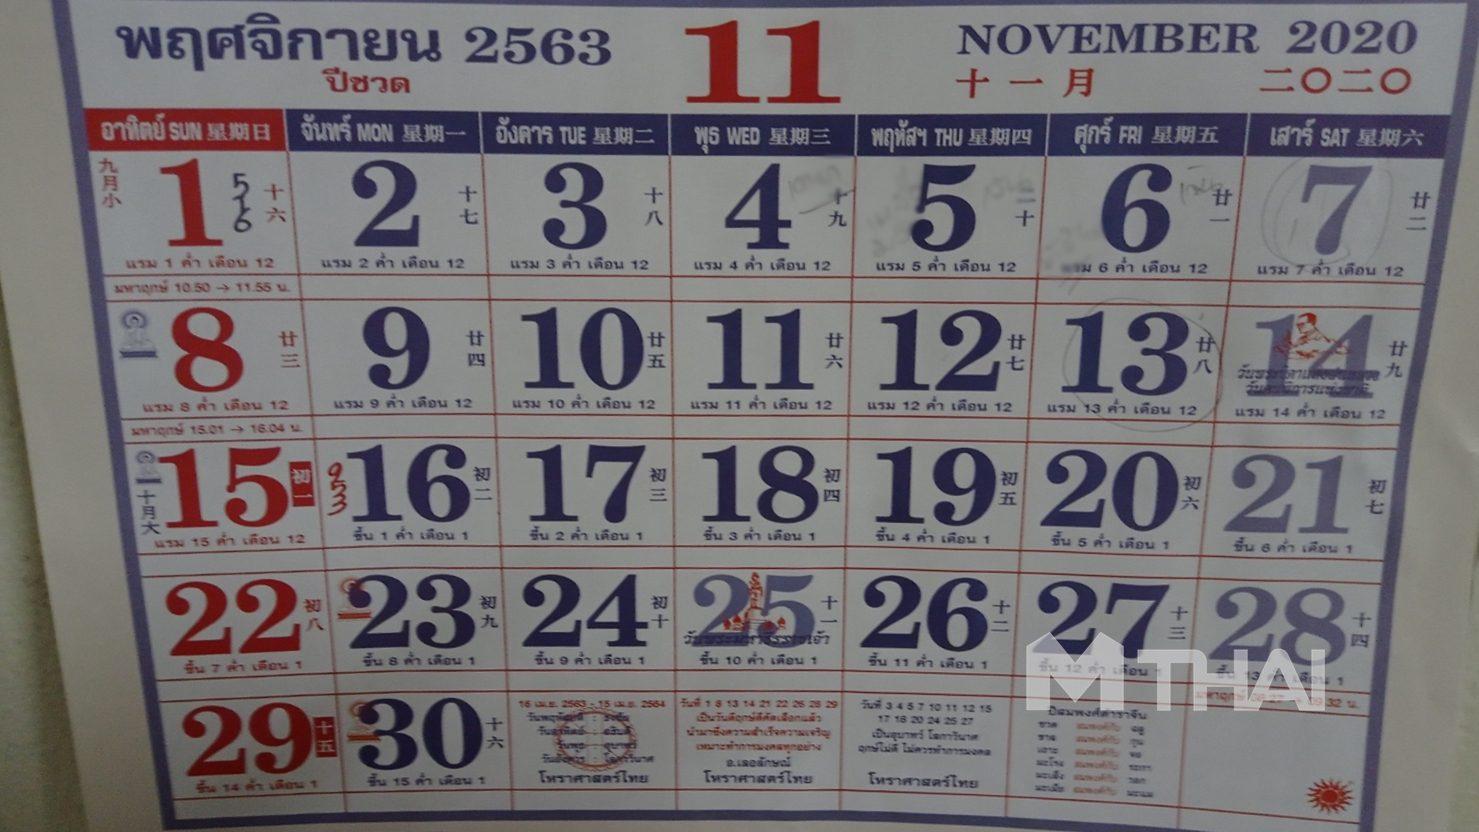 เช็กอีกที!! วันหยุดเดือนพฤศจิกายน-ธันวาคม 2563